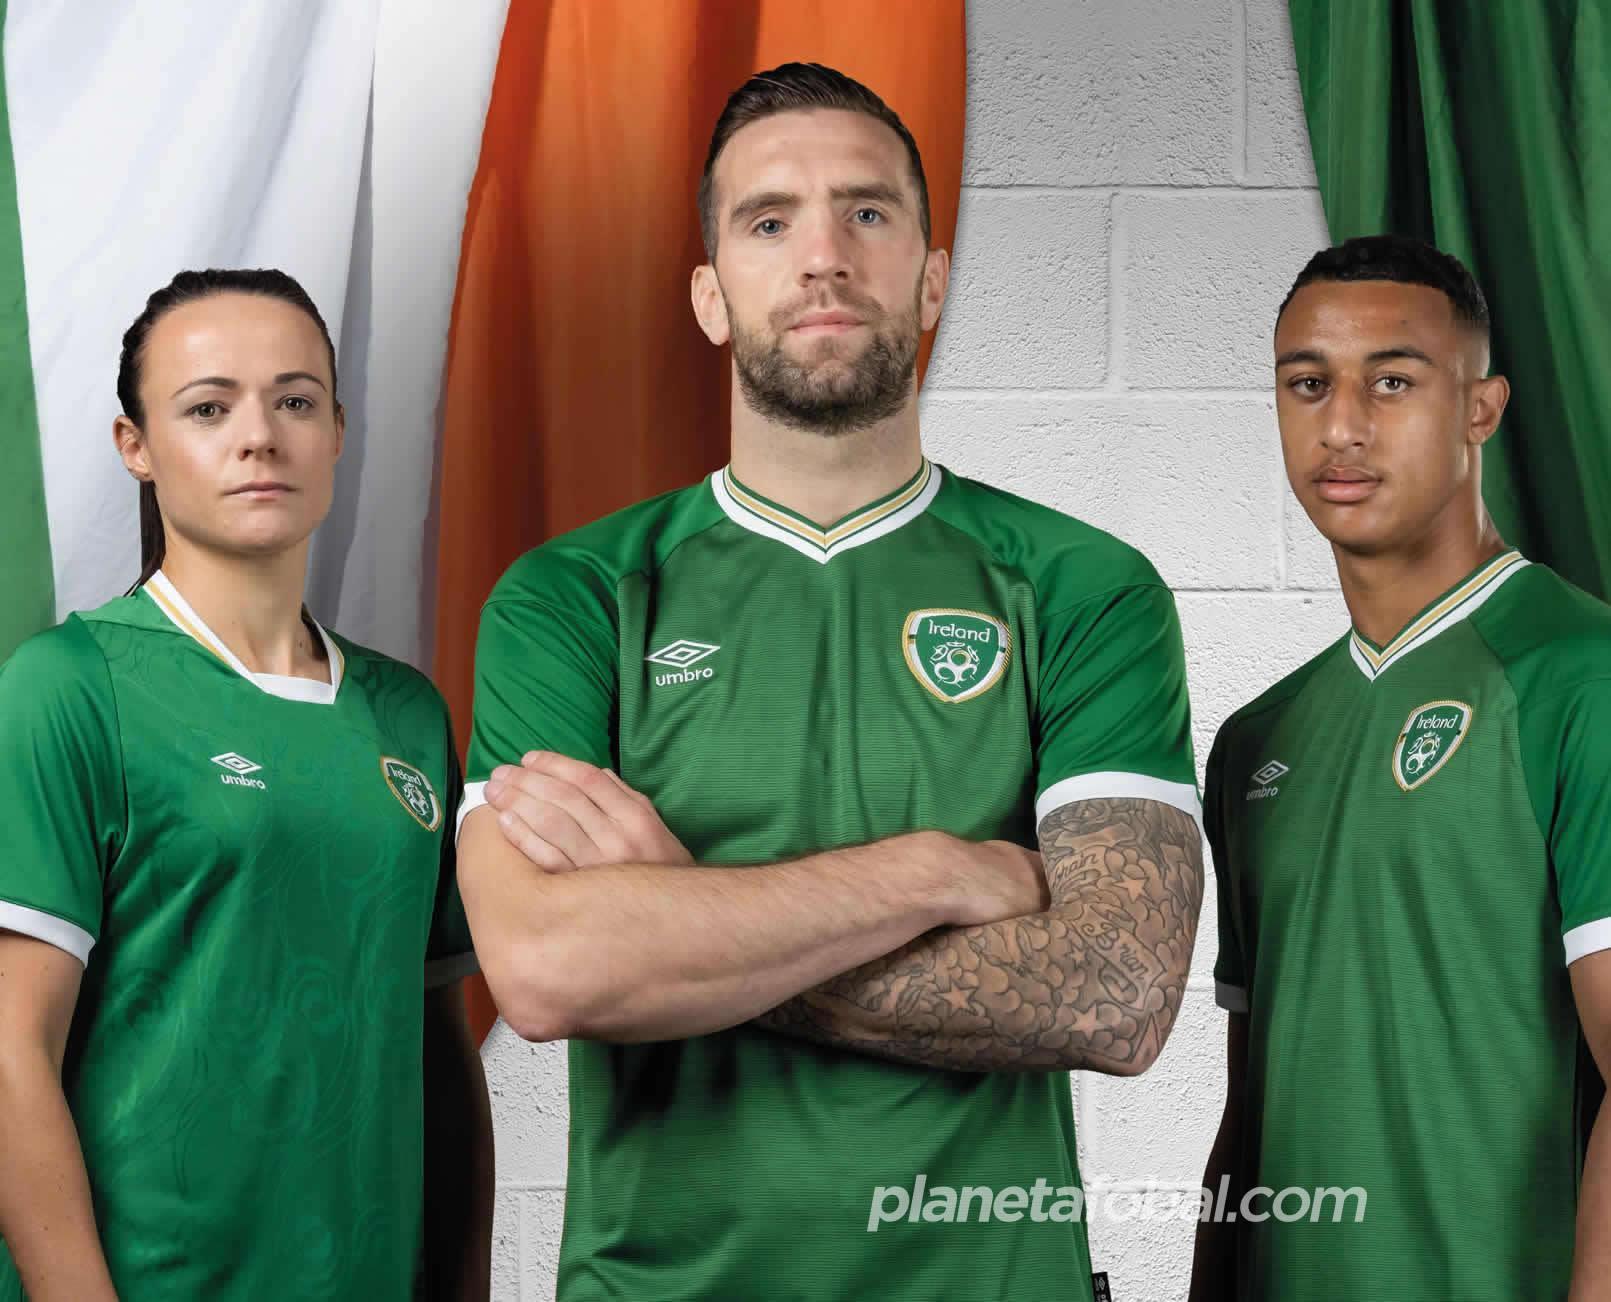 Camisetas Umbro de Irlanda 2020/21   Imagen FAI